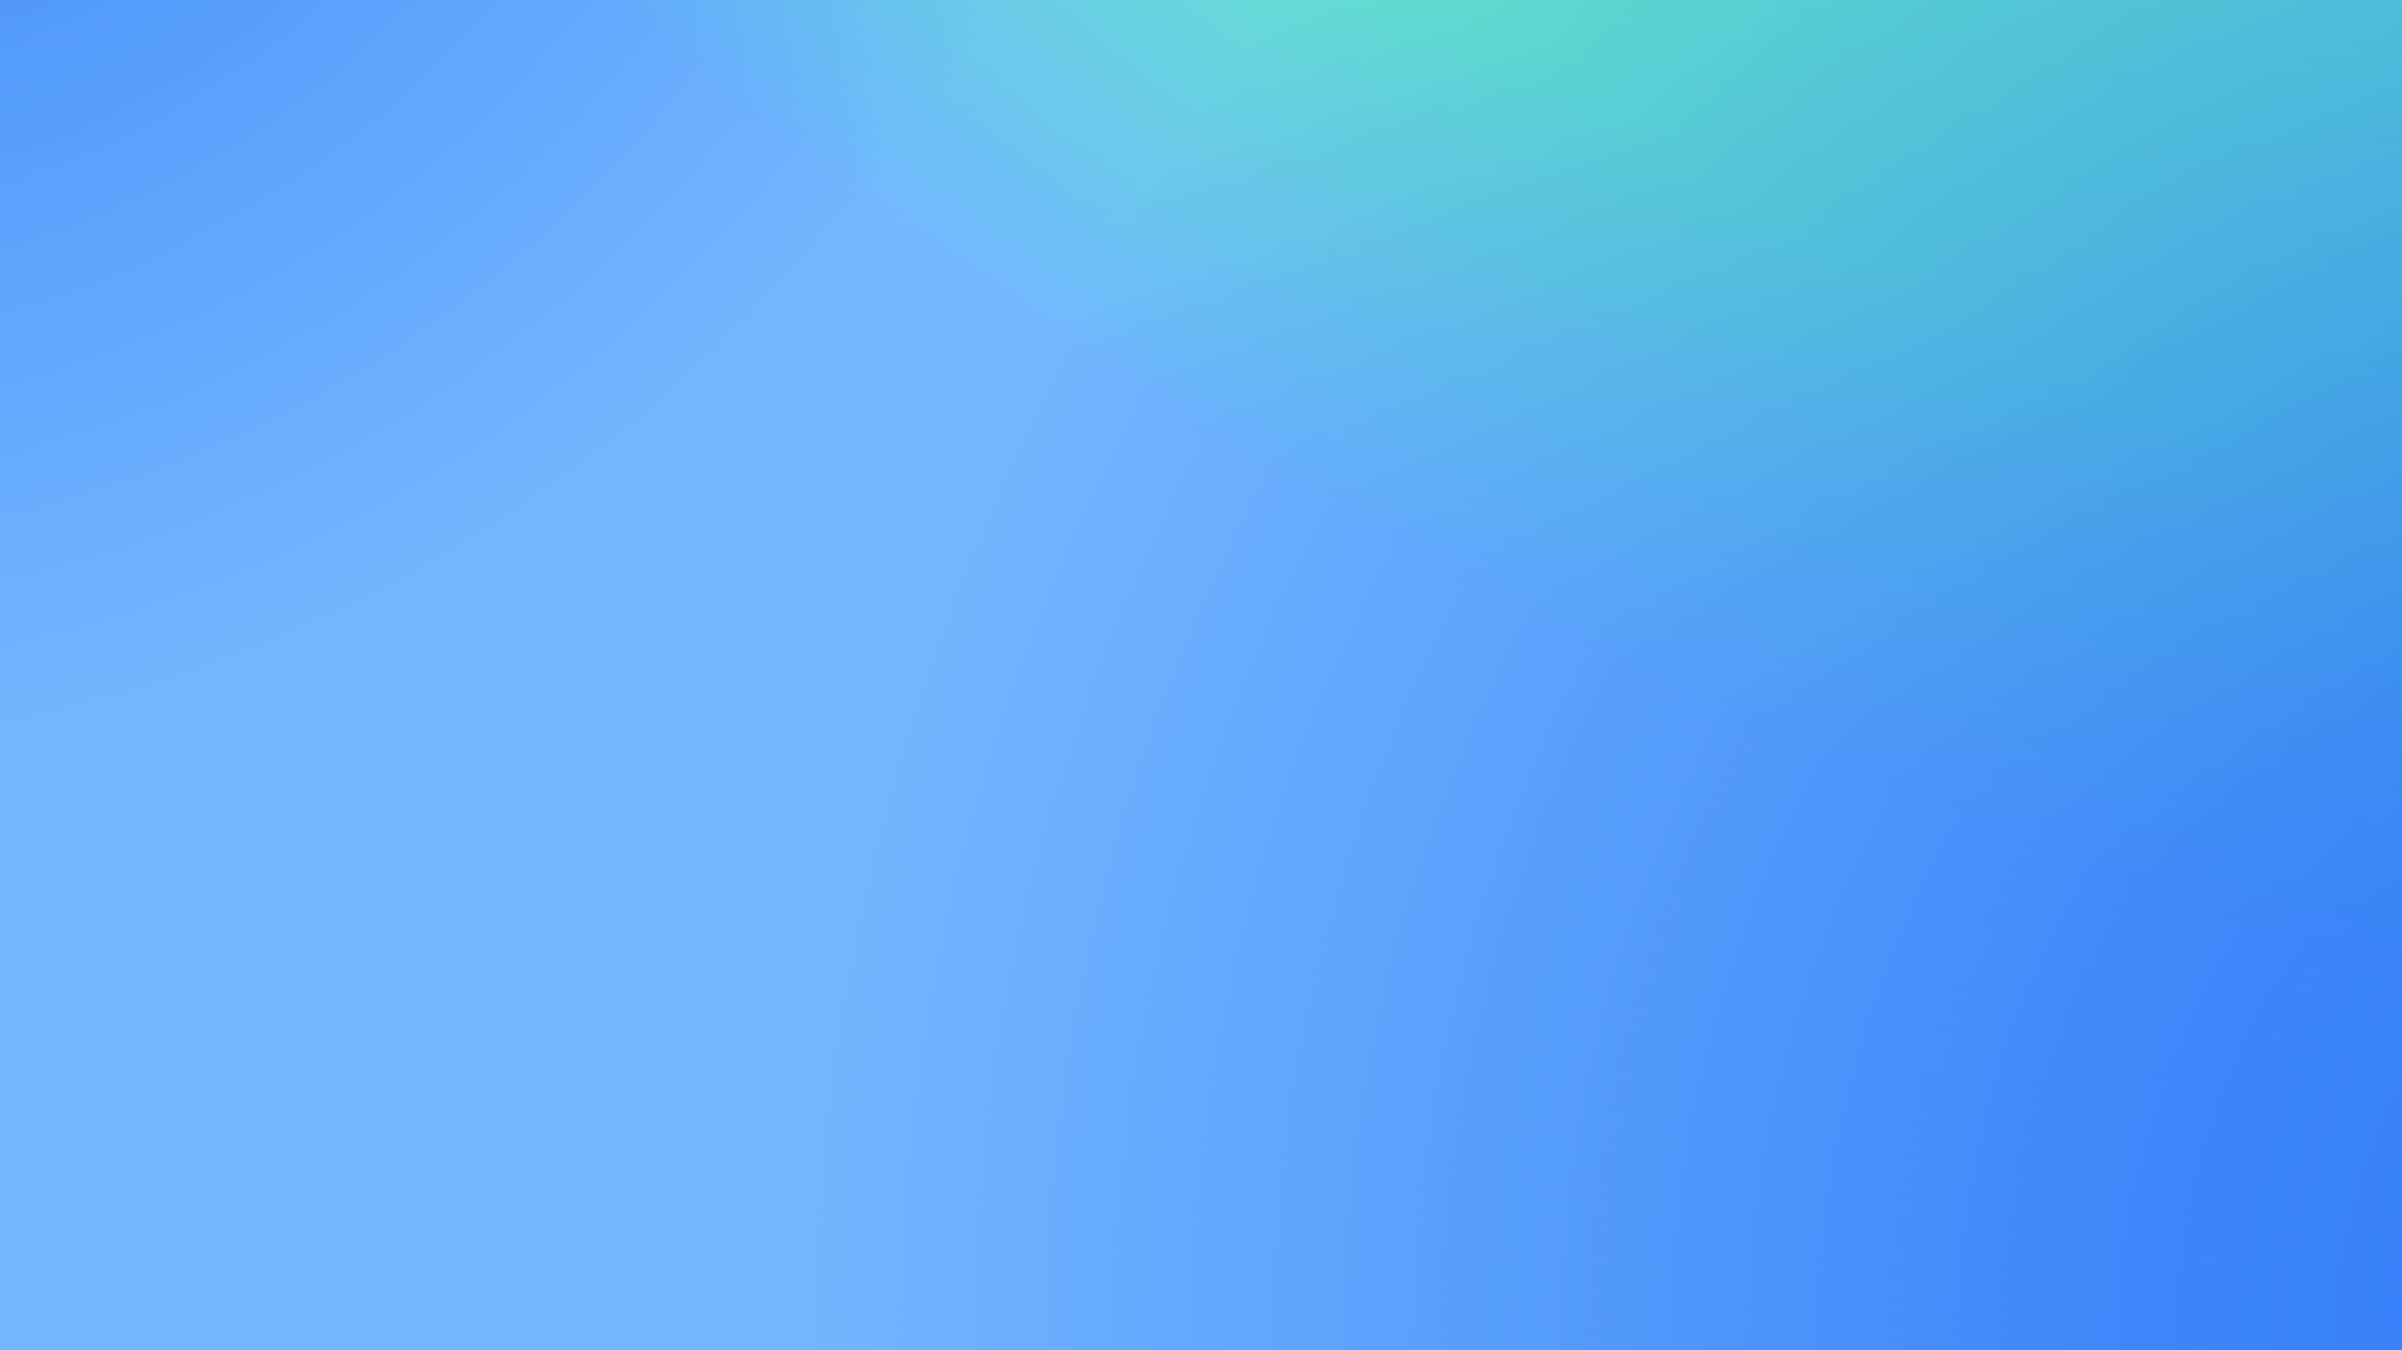 bg-gradient-blue